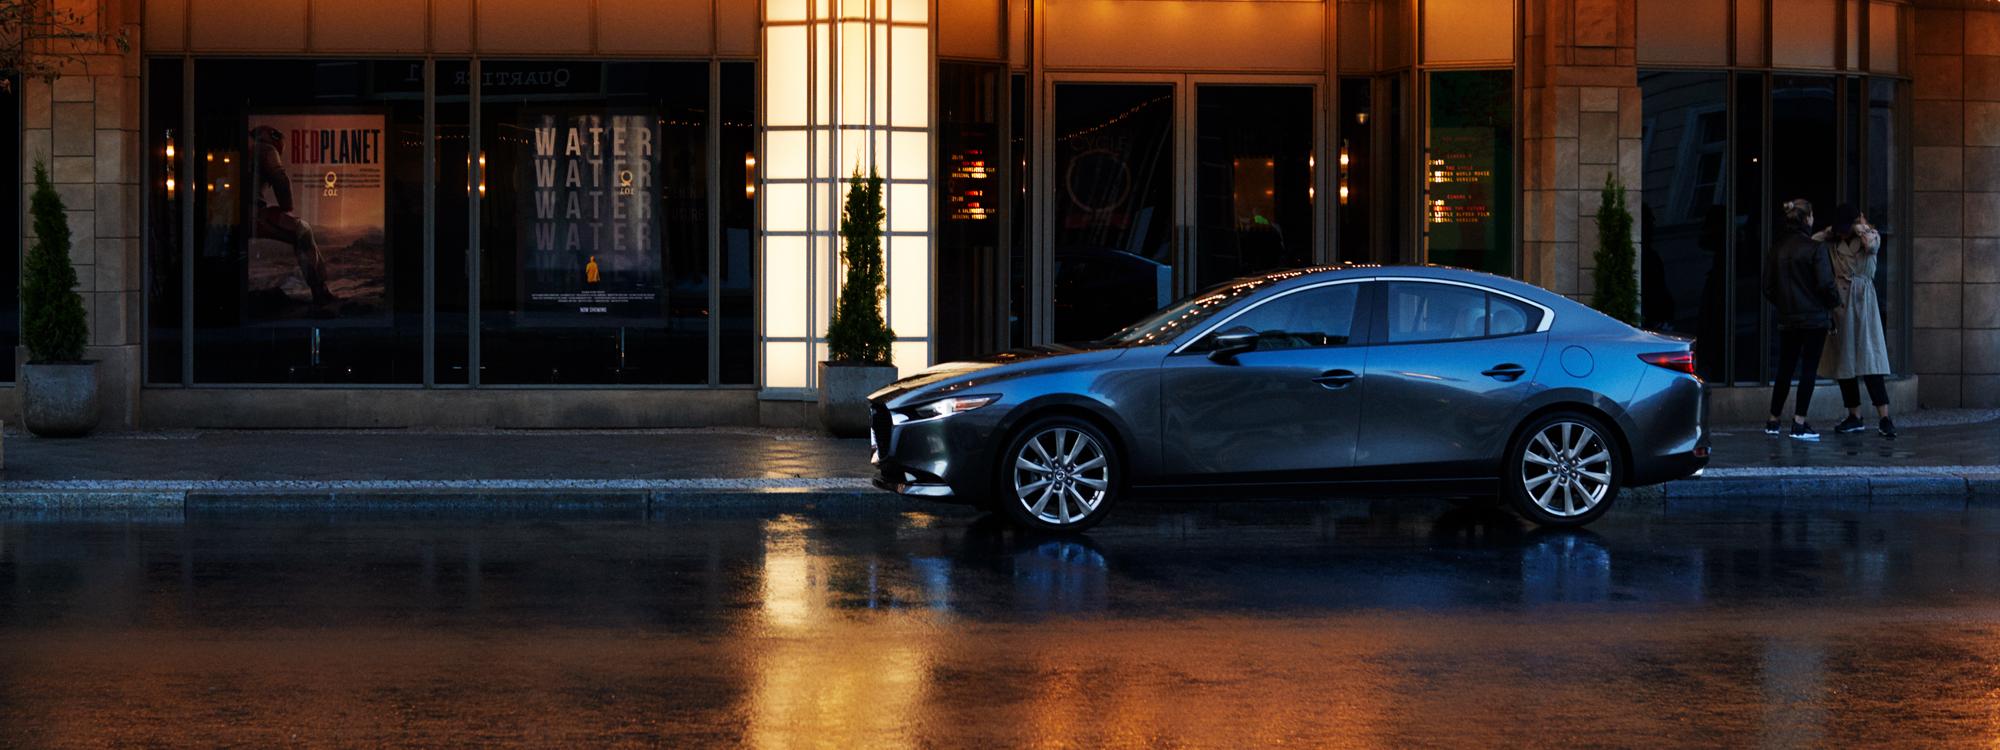 Mazda3 Sedan side view